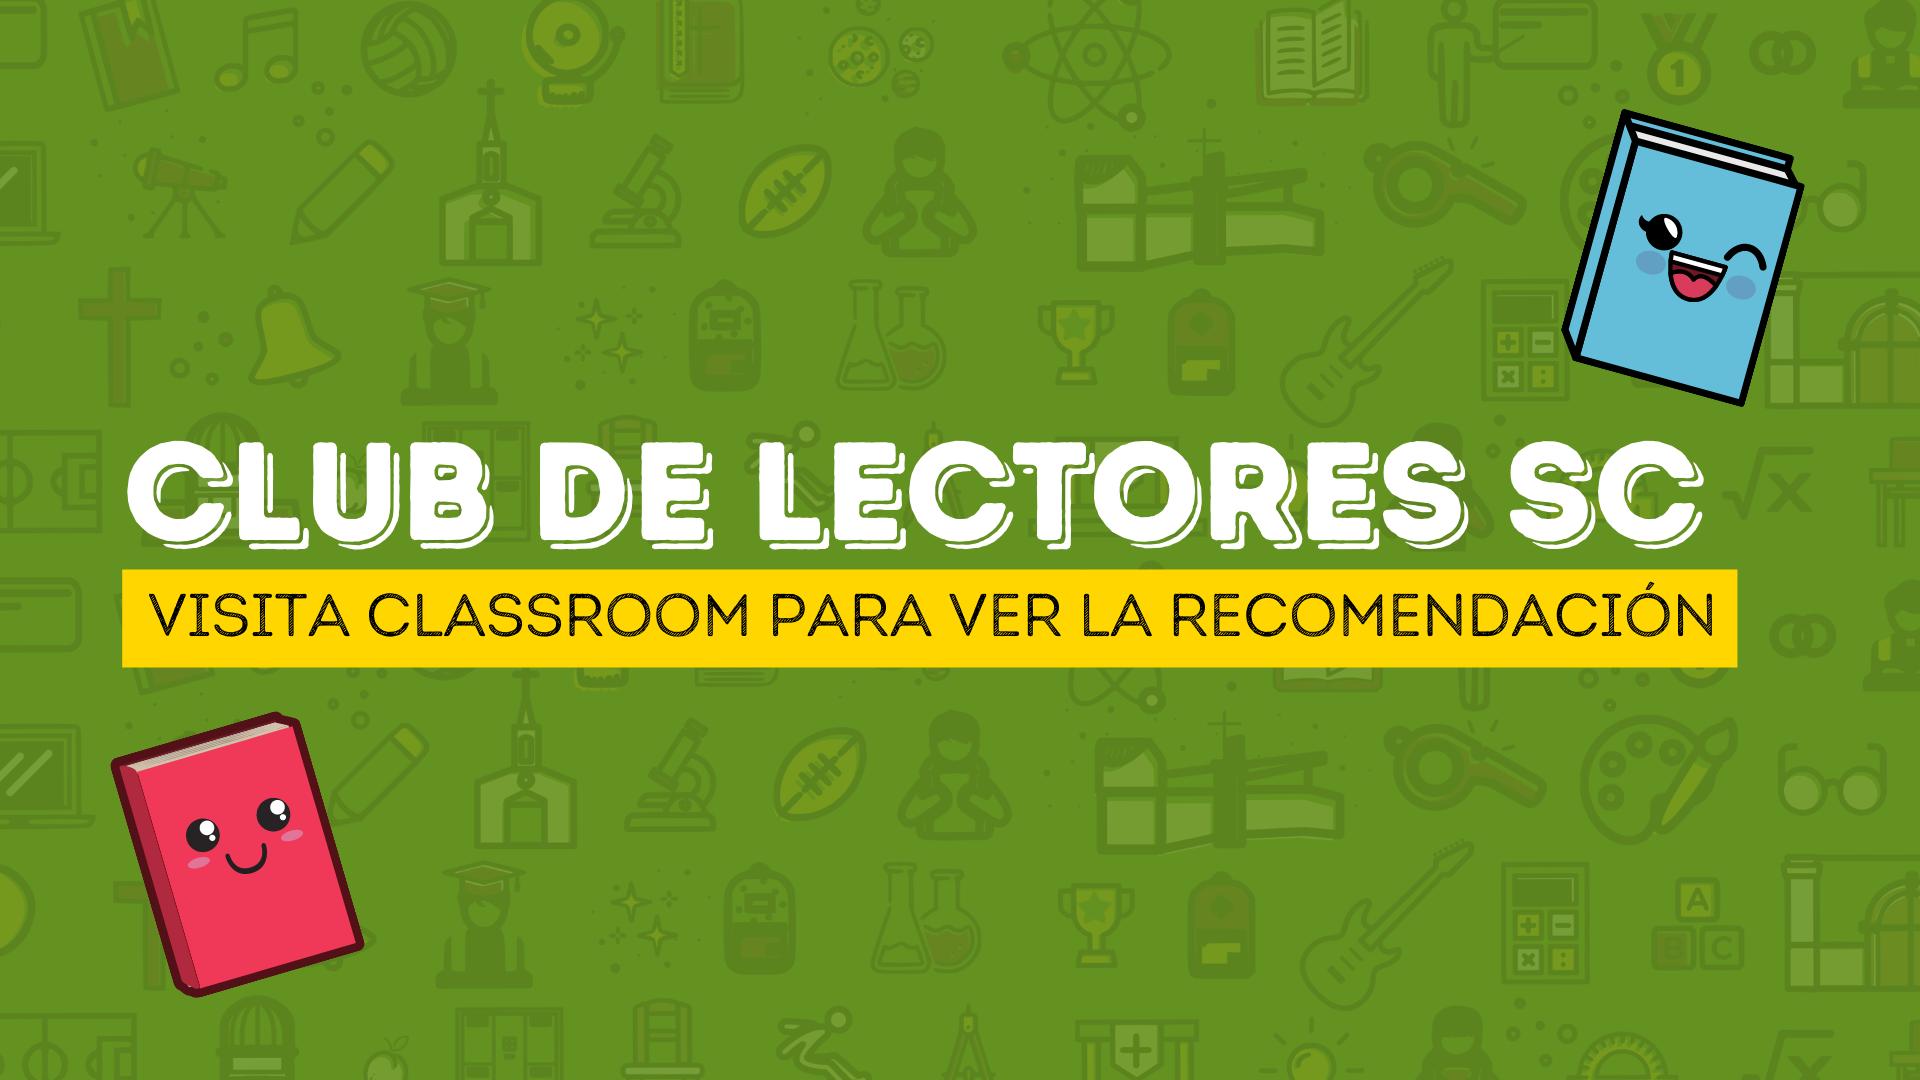 PARTICIPA DE LA JORNADA DE CONVERSACIÓN DEL CLUB DE LECTORES